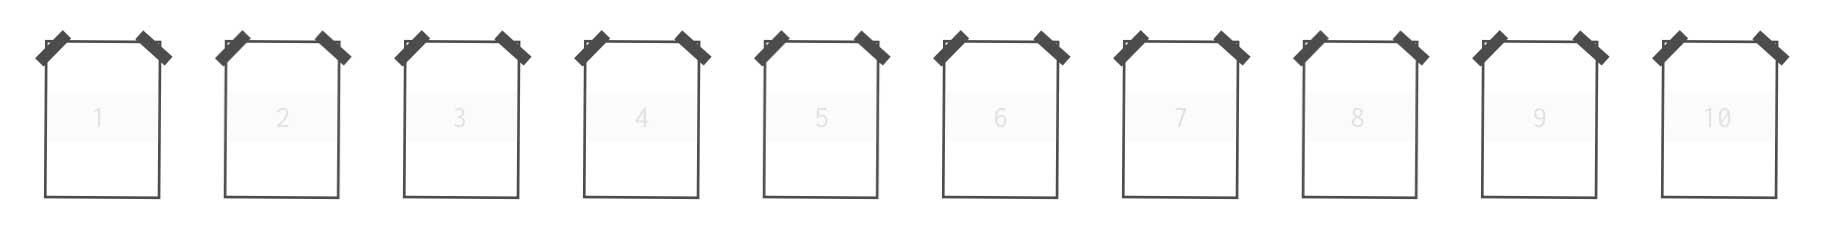 10x3-Outline-A.jpg